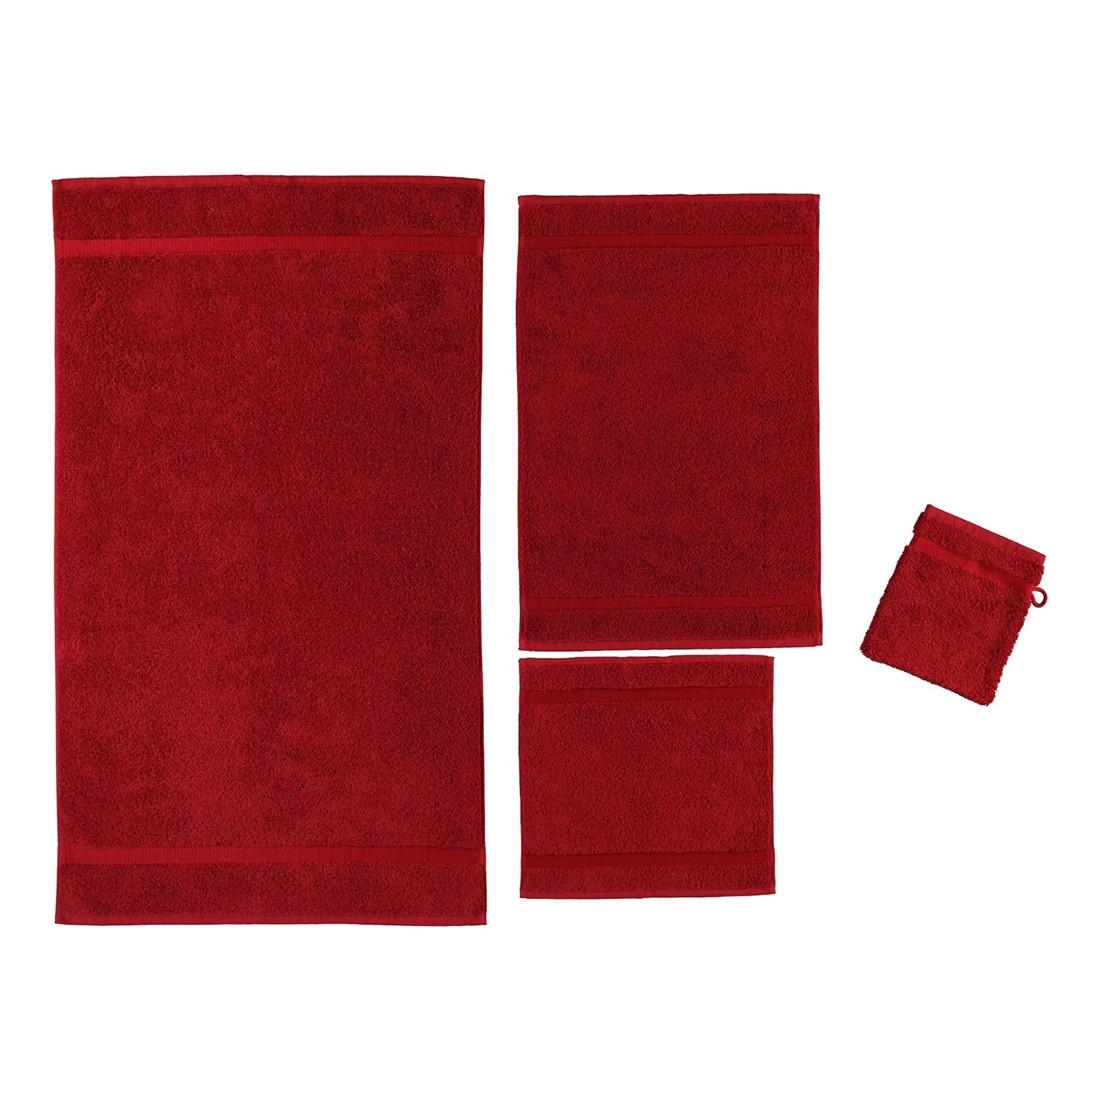 Handtuch Princess – 100% Baumwolle cardinal – 349 – Badetuch: 95×180 cm, Rhomtuft günstig bestellen